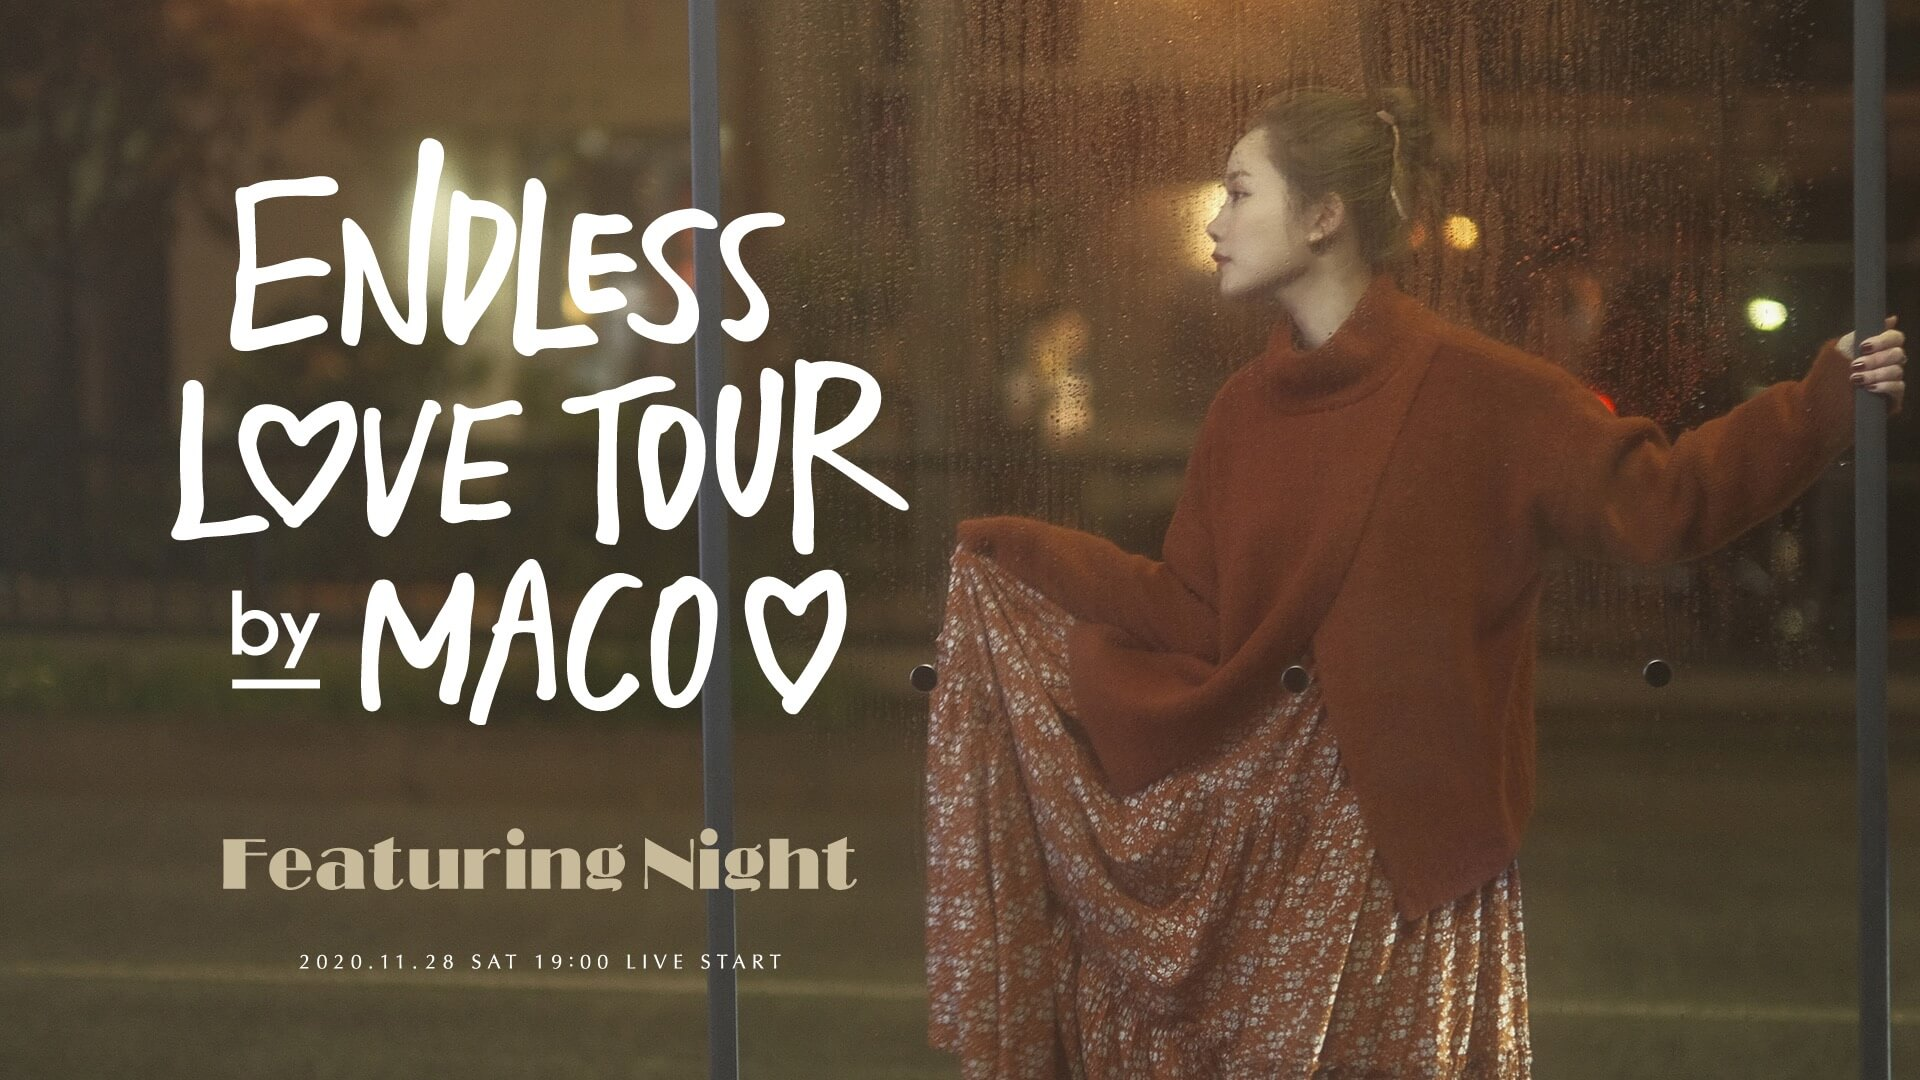 足立佳奈をゲストに迎えたMACOオンラインライブ「Endless Love Tour~Featuring Night~」が11月28日(土)に開催決定